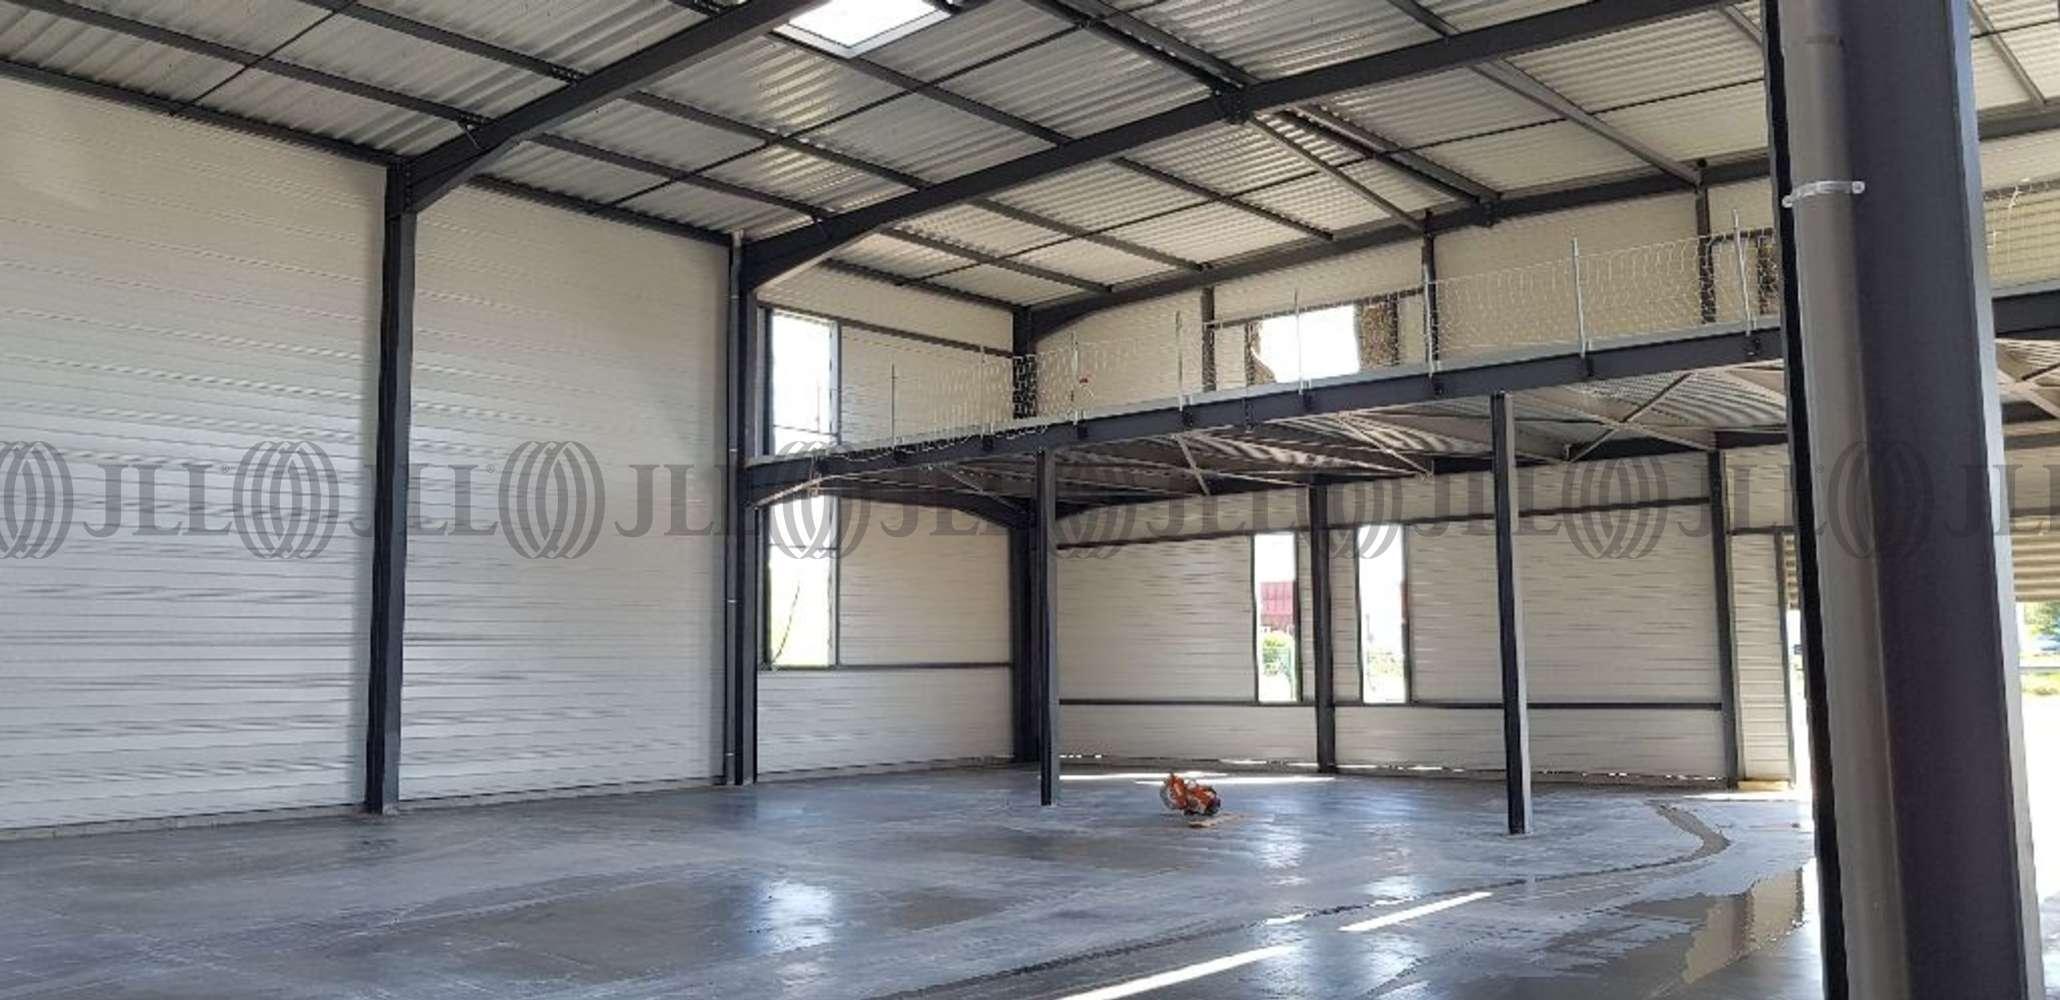 Activités/entrepôt Corbas, 69960 - ENTREPOT À VENDRE CORBAS (LYON, 69) - 9659118